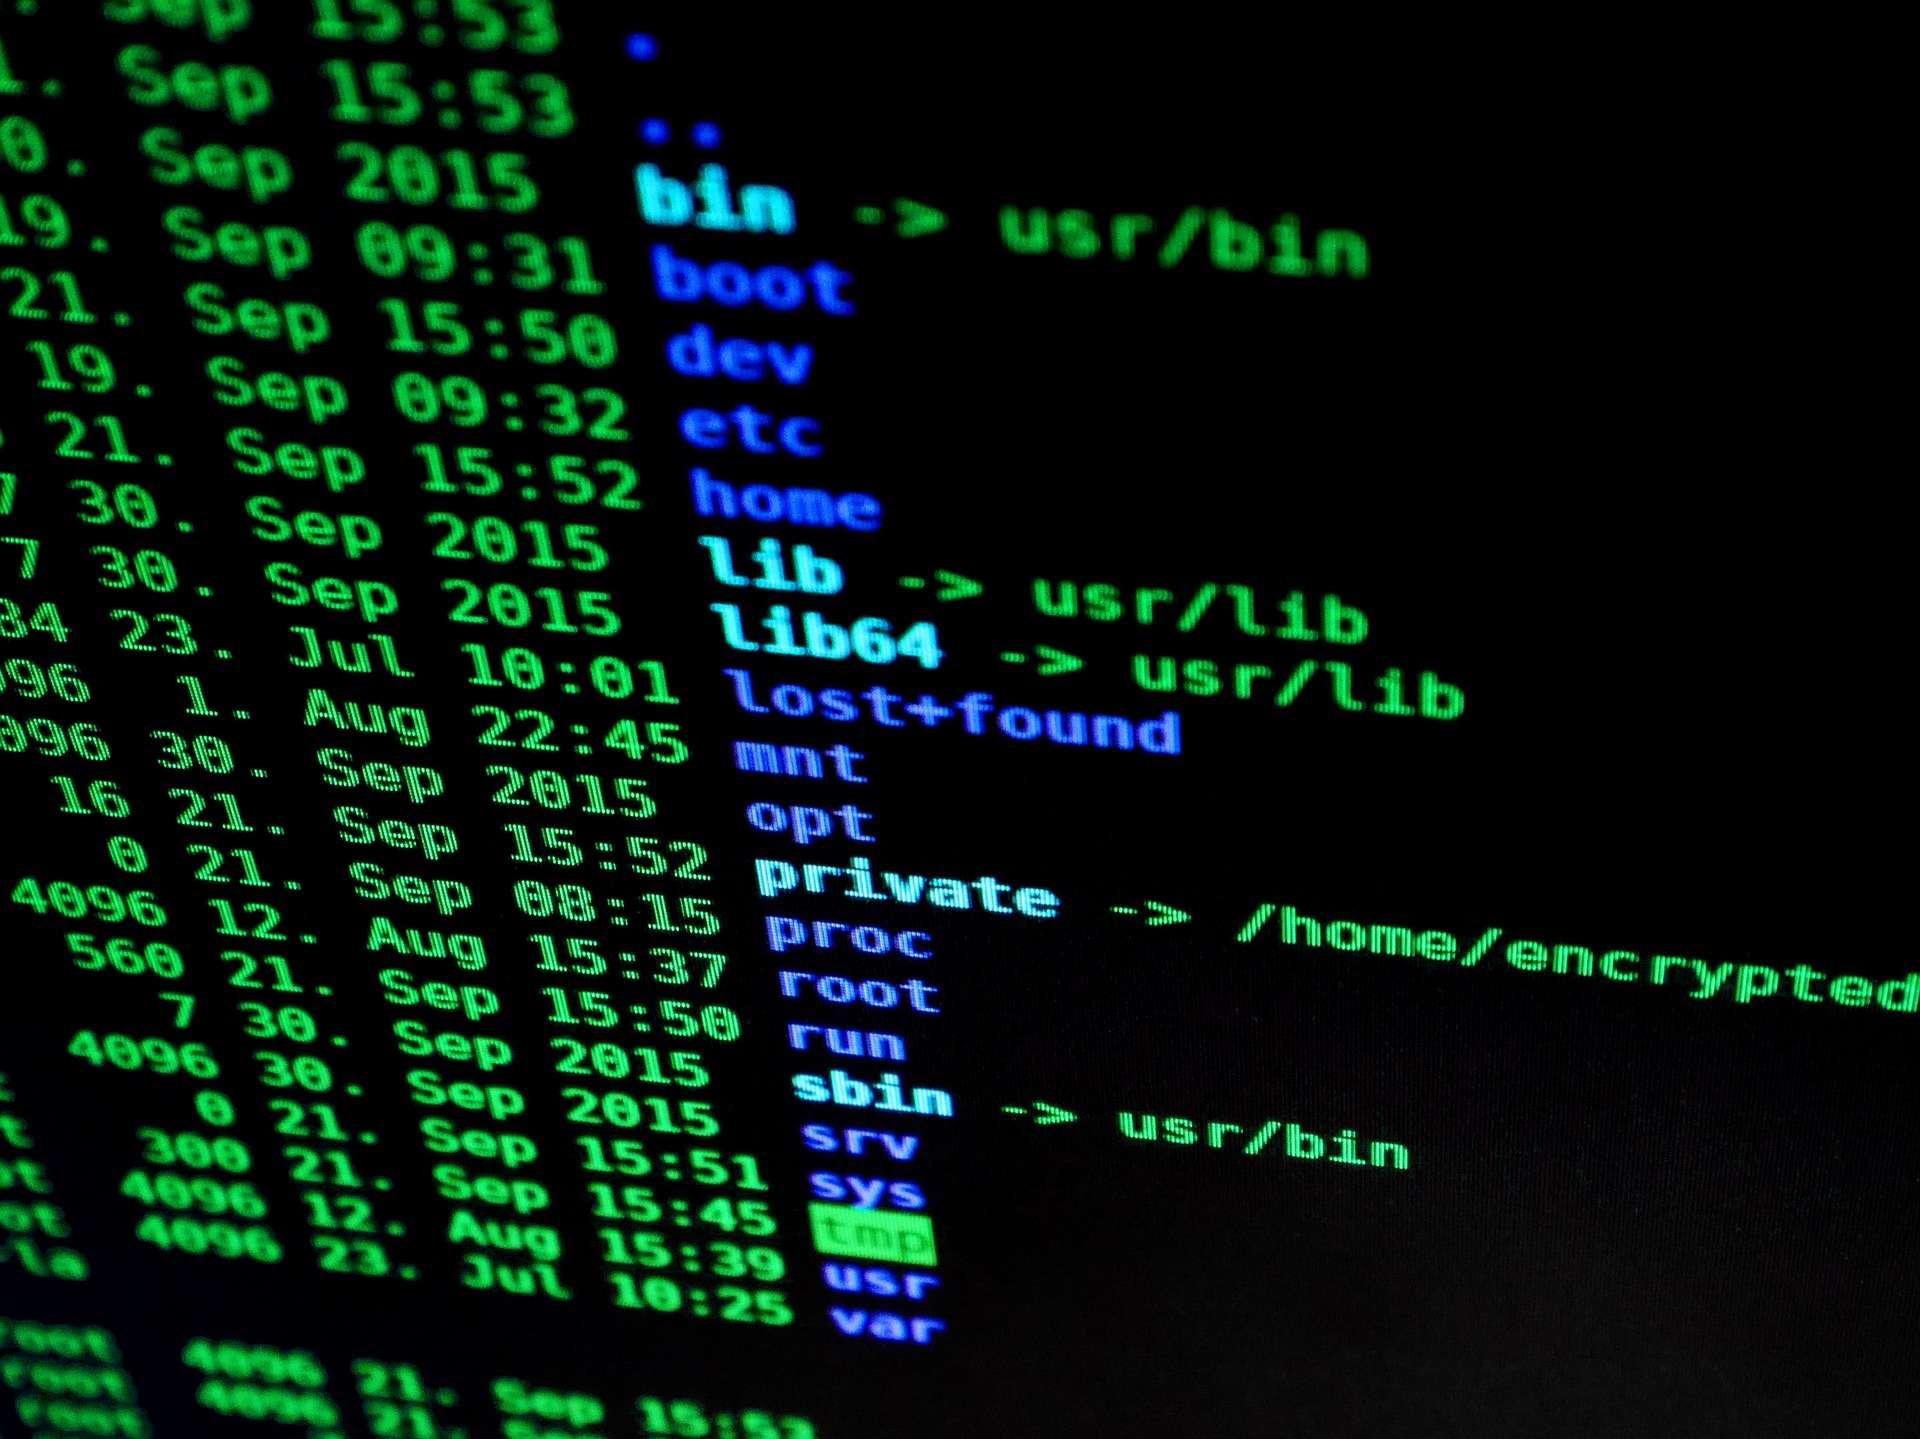 signale-binaerer-optionen-und-automatisierter-trading-systeme